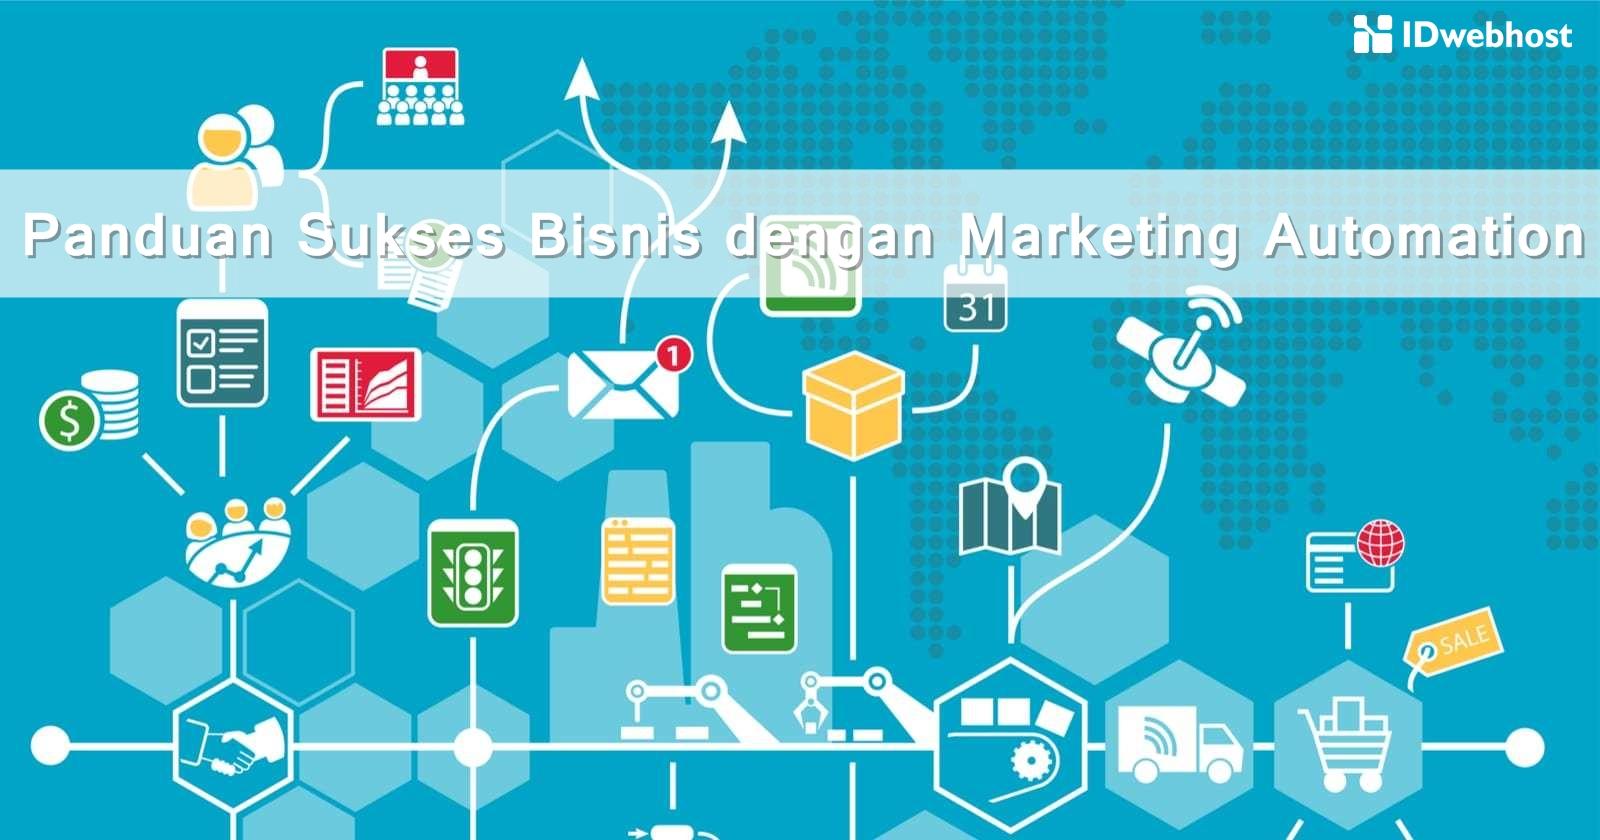 Panduan Sukses Bisnis dengan Marketing Automation